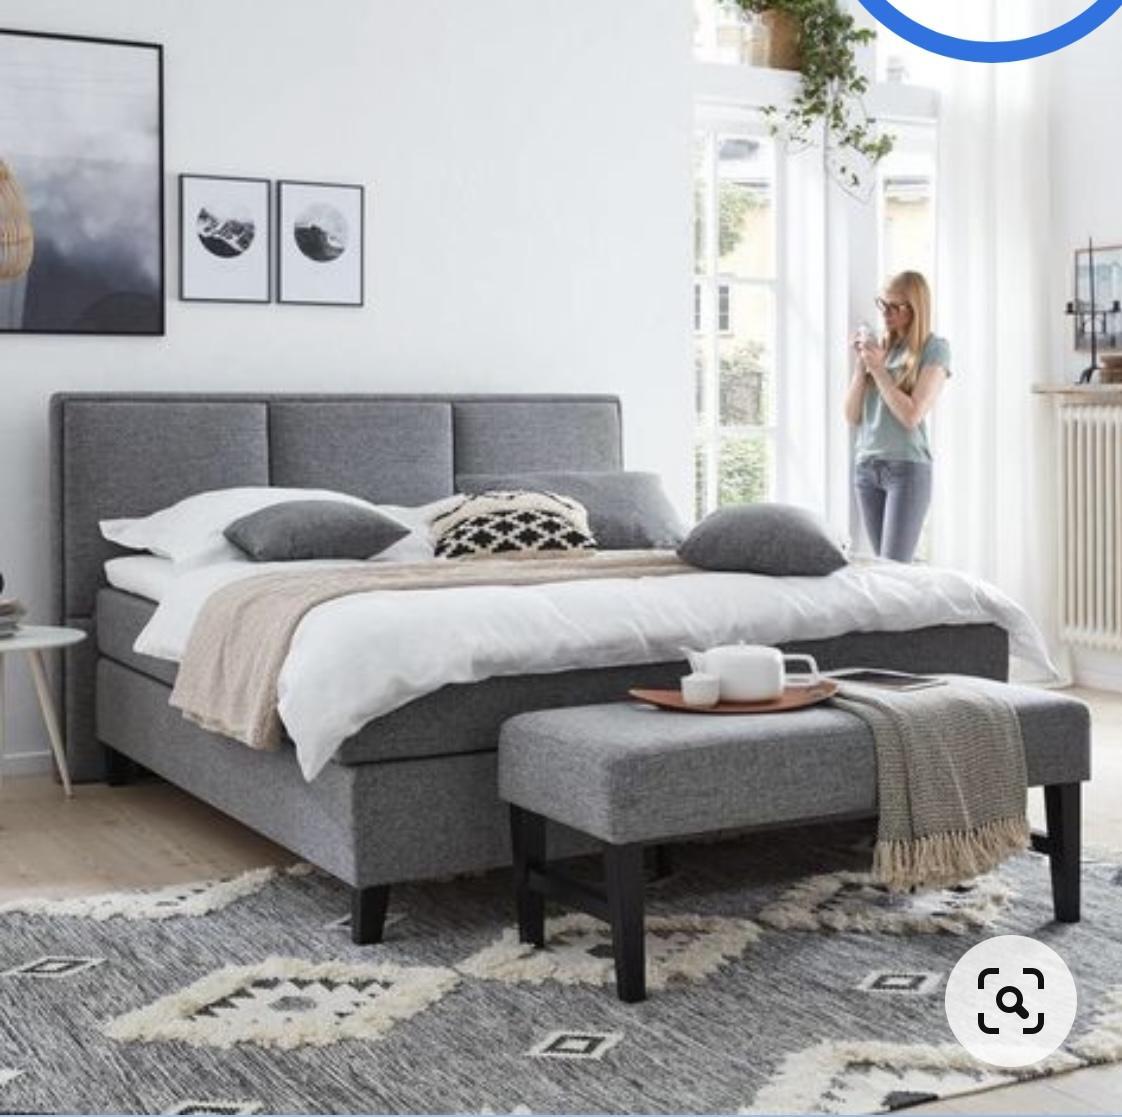 Hezky večer, dáte mi prosím tip na výrobce postelí ? Hledám už nějaký ten pátek, vymysleli jsme si postel 220x200 kontinentálního typu a prostě není 😁 - Obrázek č. 1